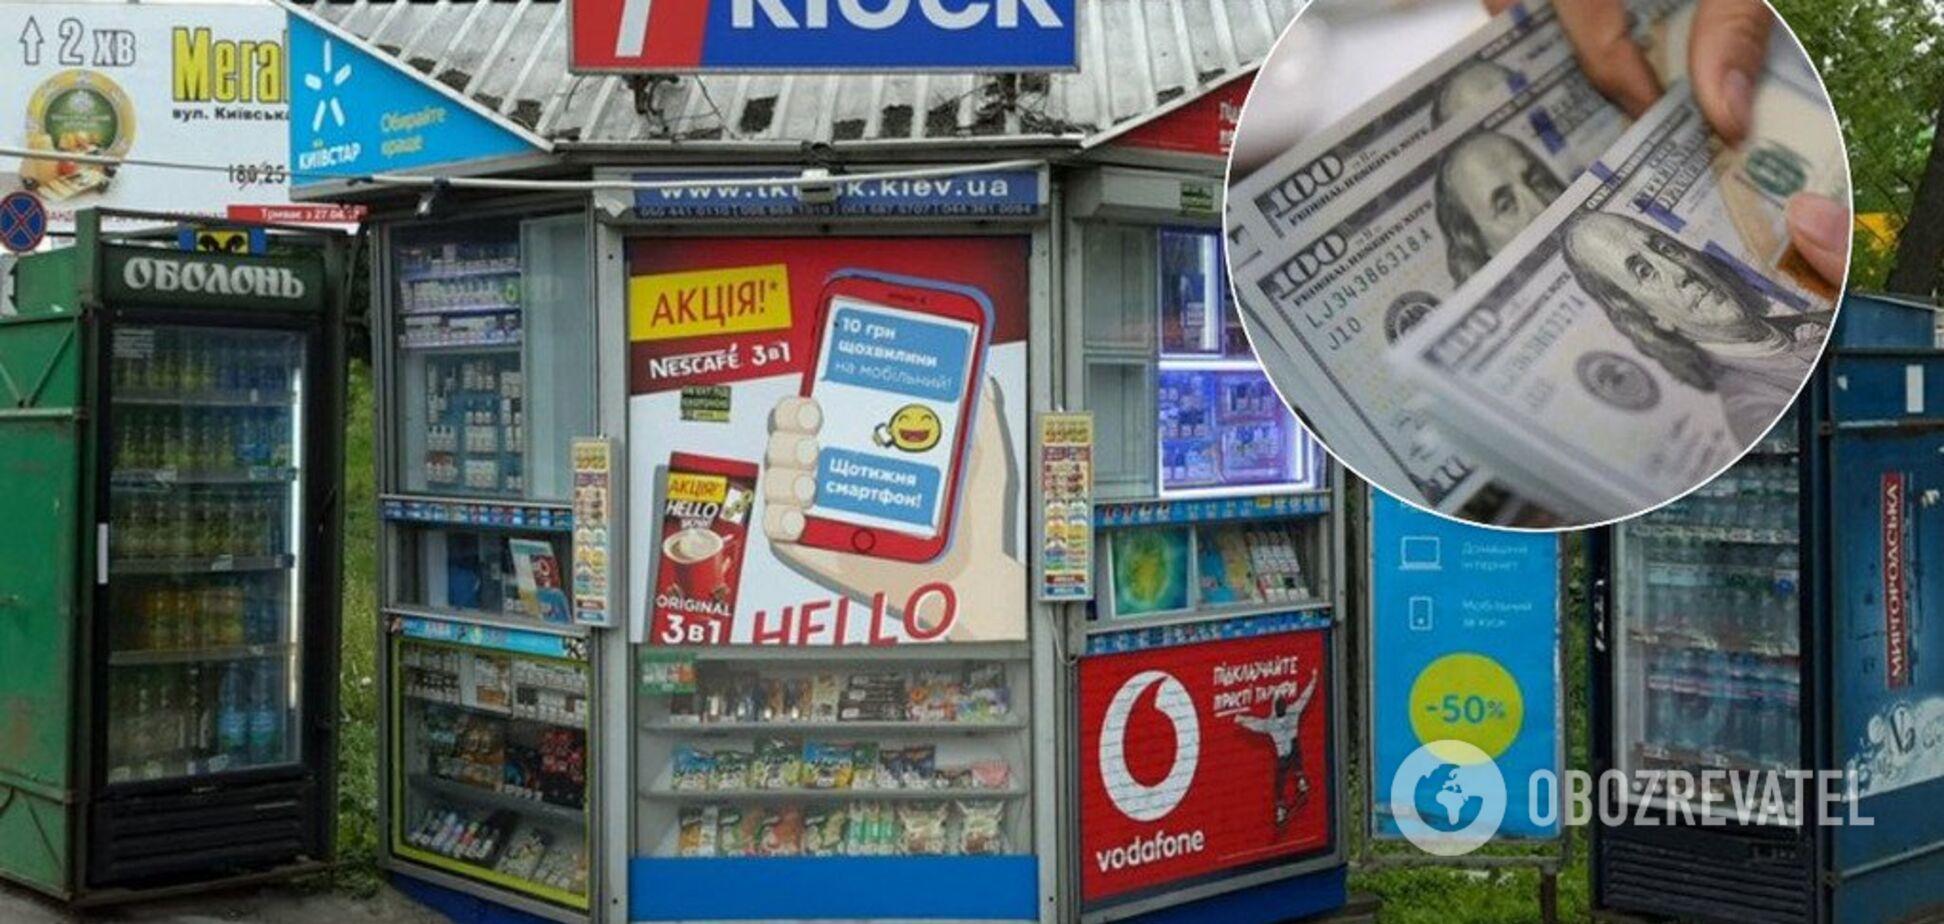 Тютюновий бізнес 'слуги народу' Холодова ухилявся від податків – ЗМІ